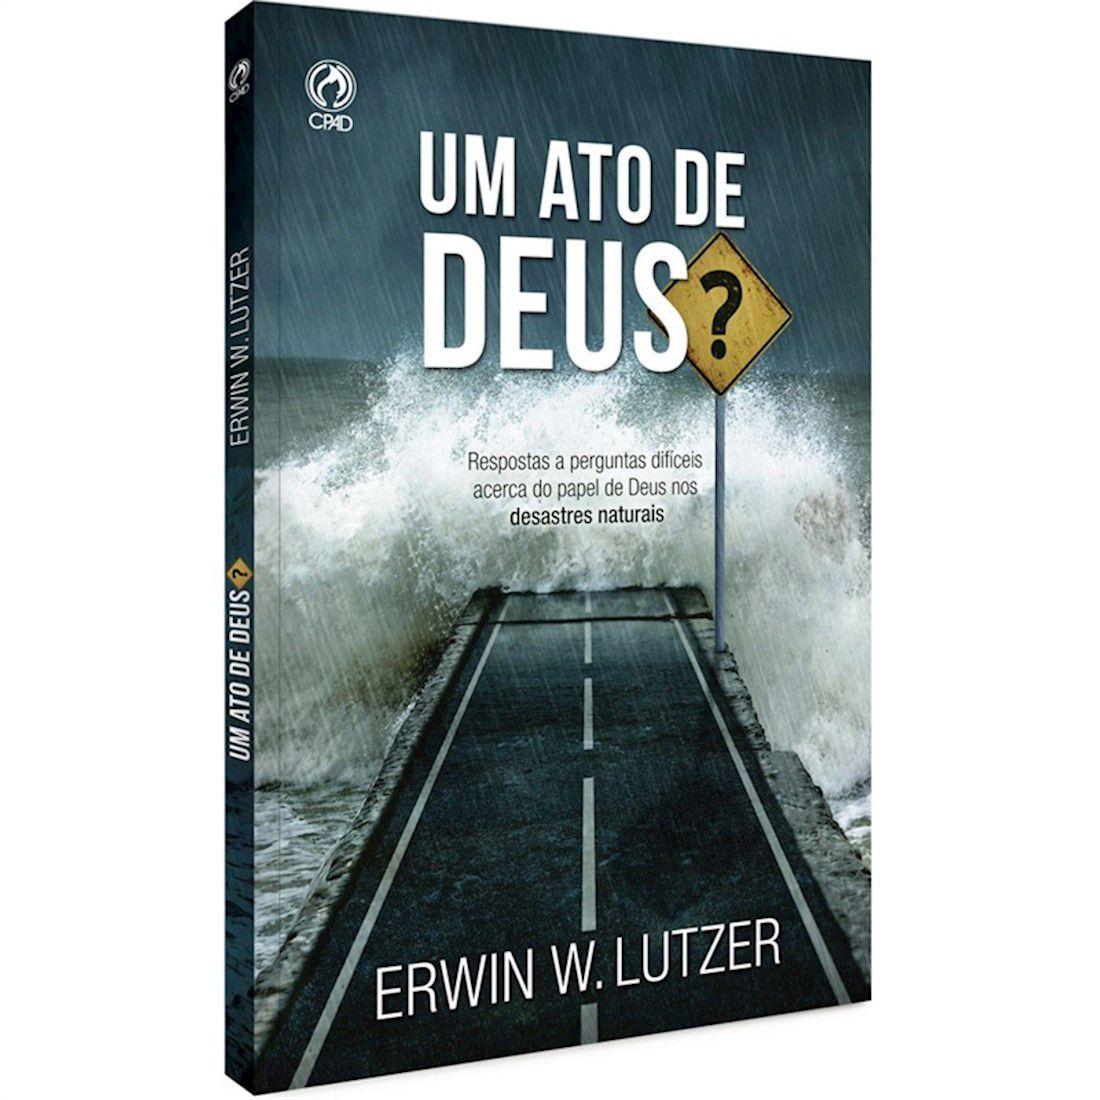 Livro Um Ato de Deus